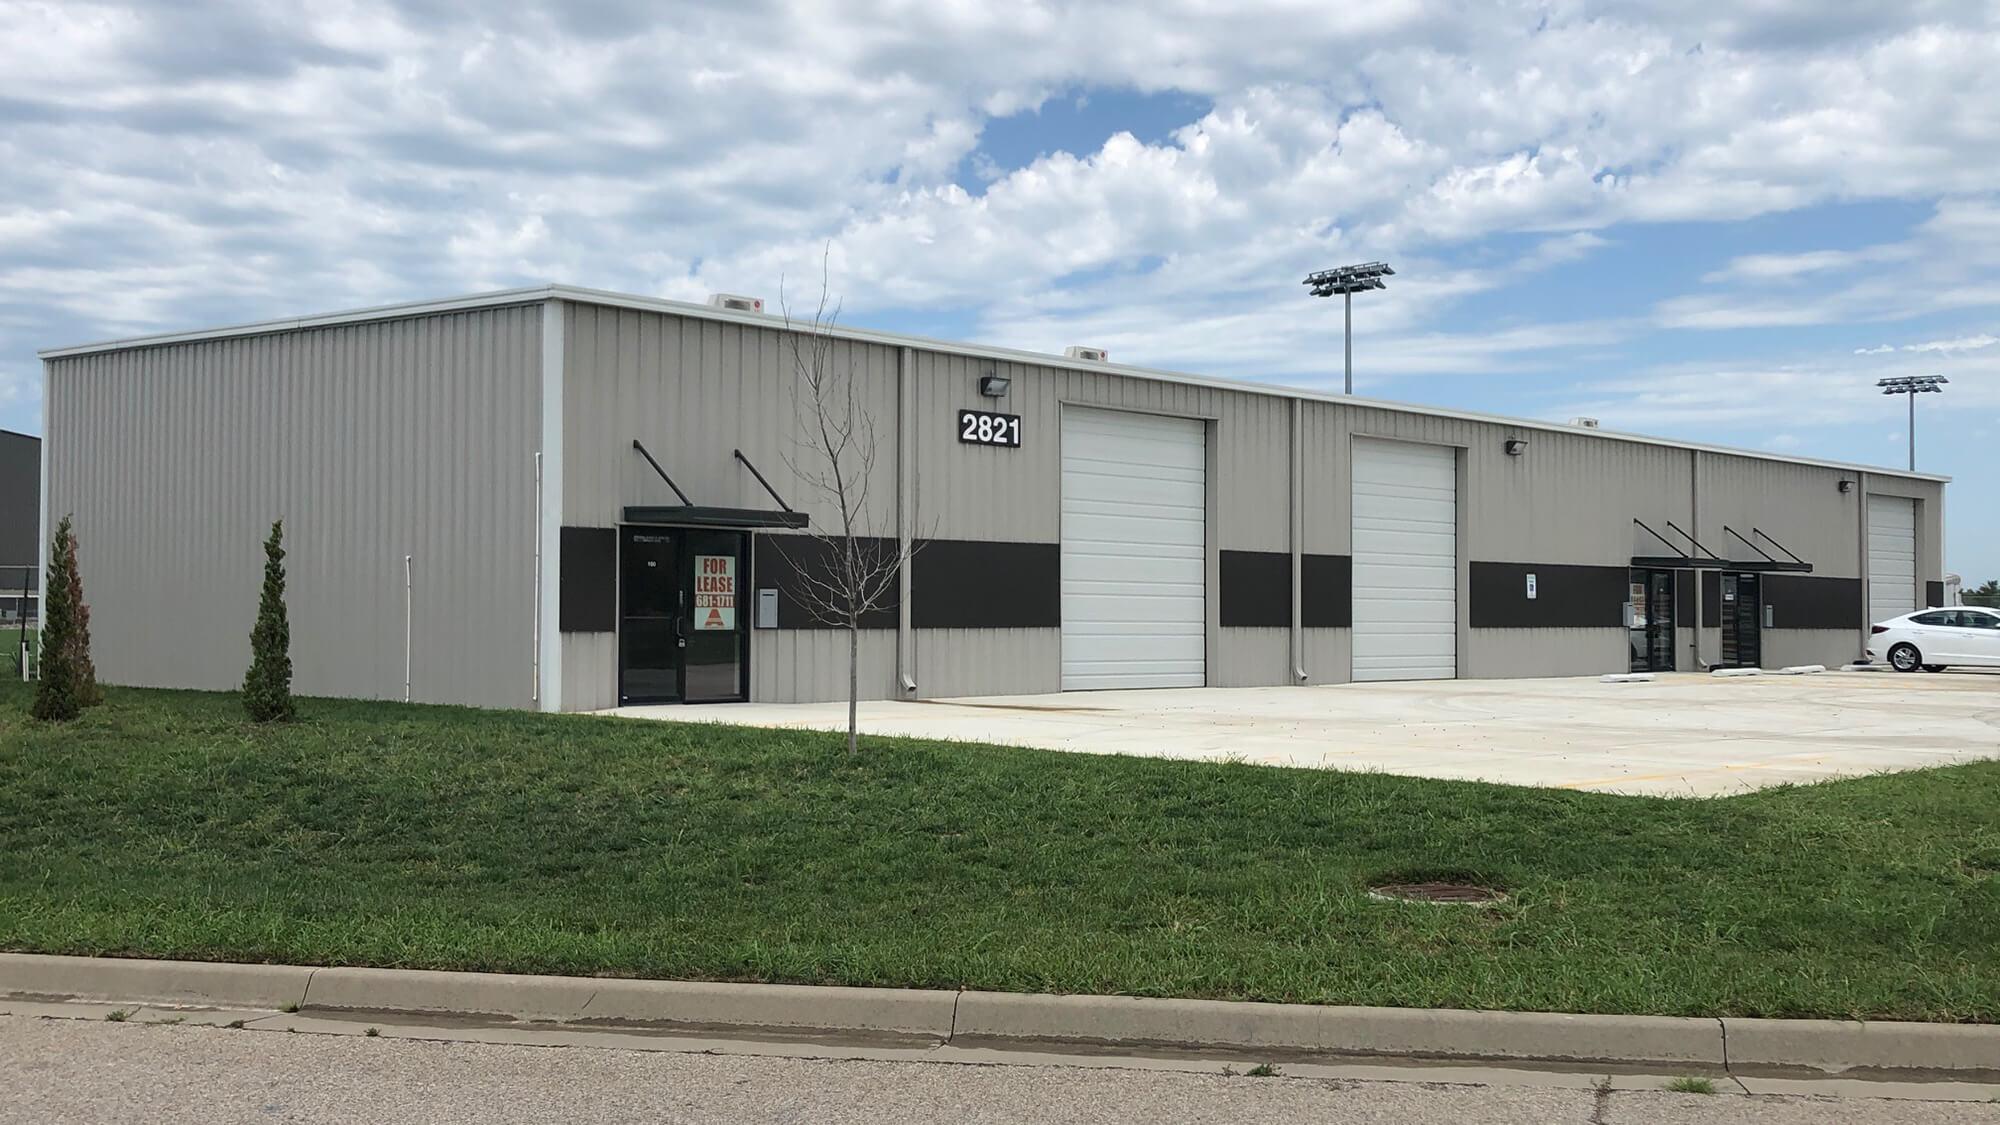 2821 N Regency Park Warehouse in Wichita, KS